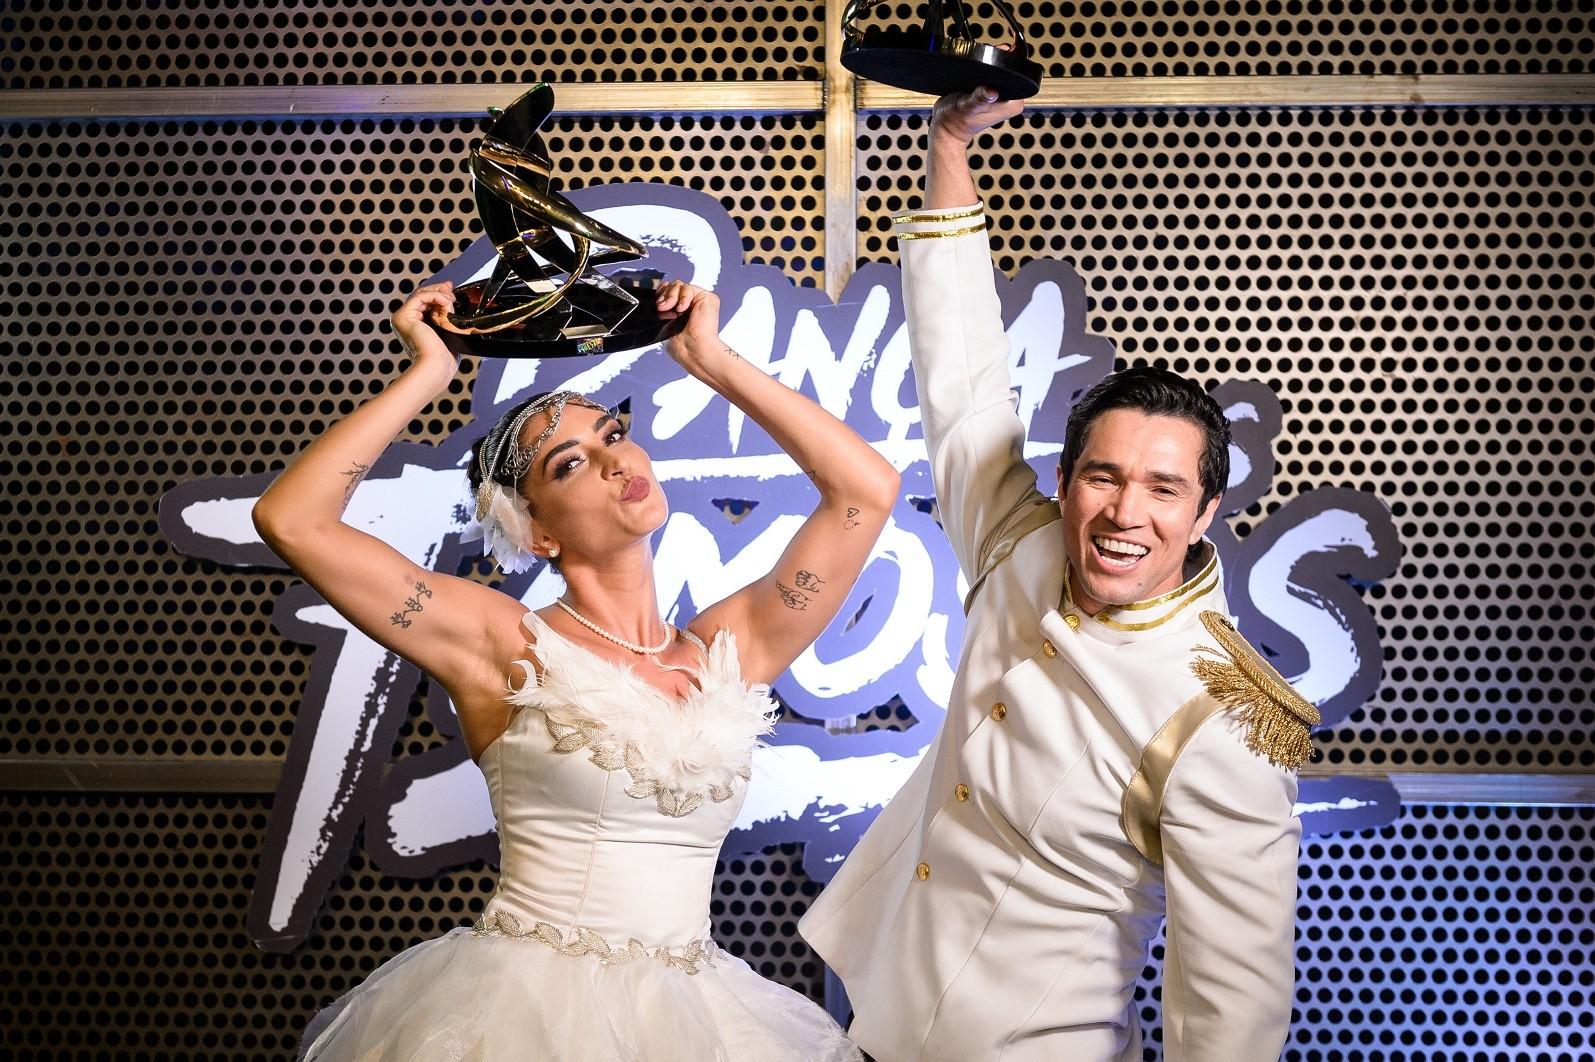 Maria Joana e Reginaldo Sama com o troféu de campeões do Dança dos Famosos (Crédito: Globo/Ramón Vasconcelos)